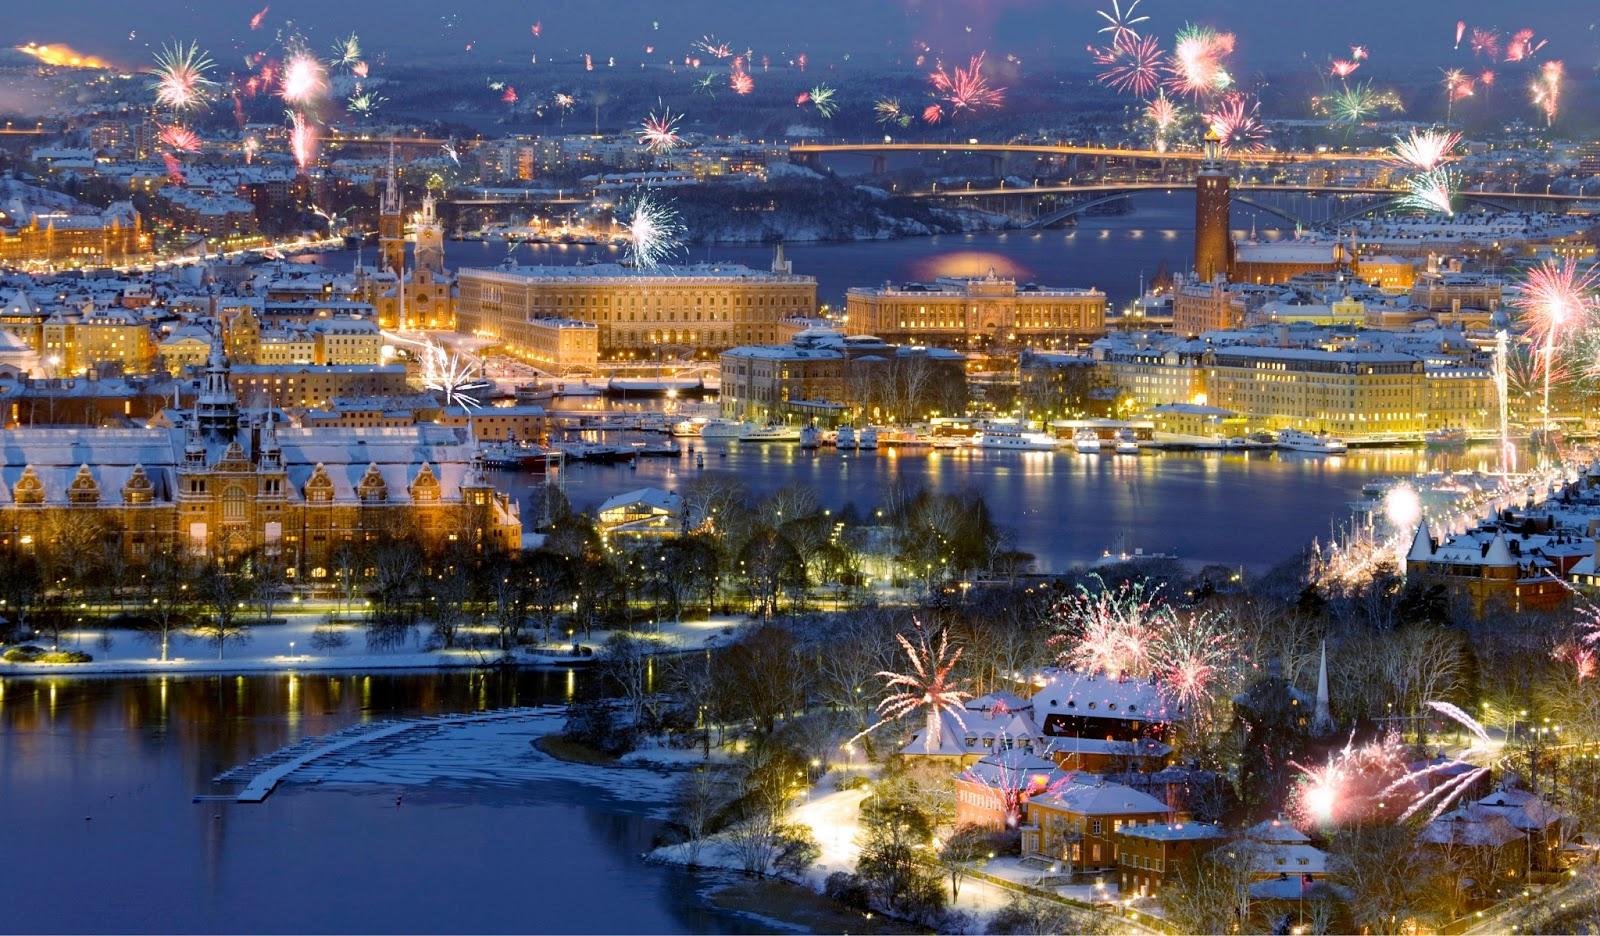 stockholm sweden - photo #36